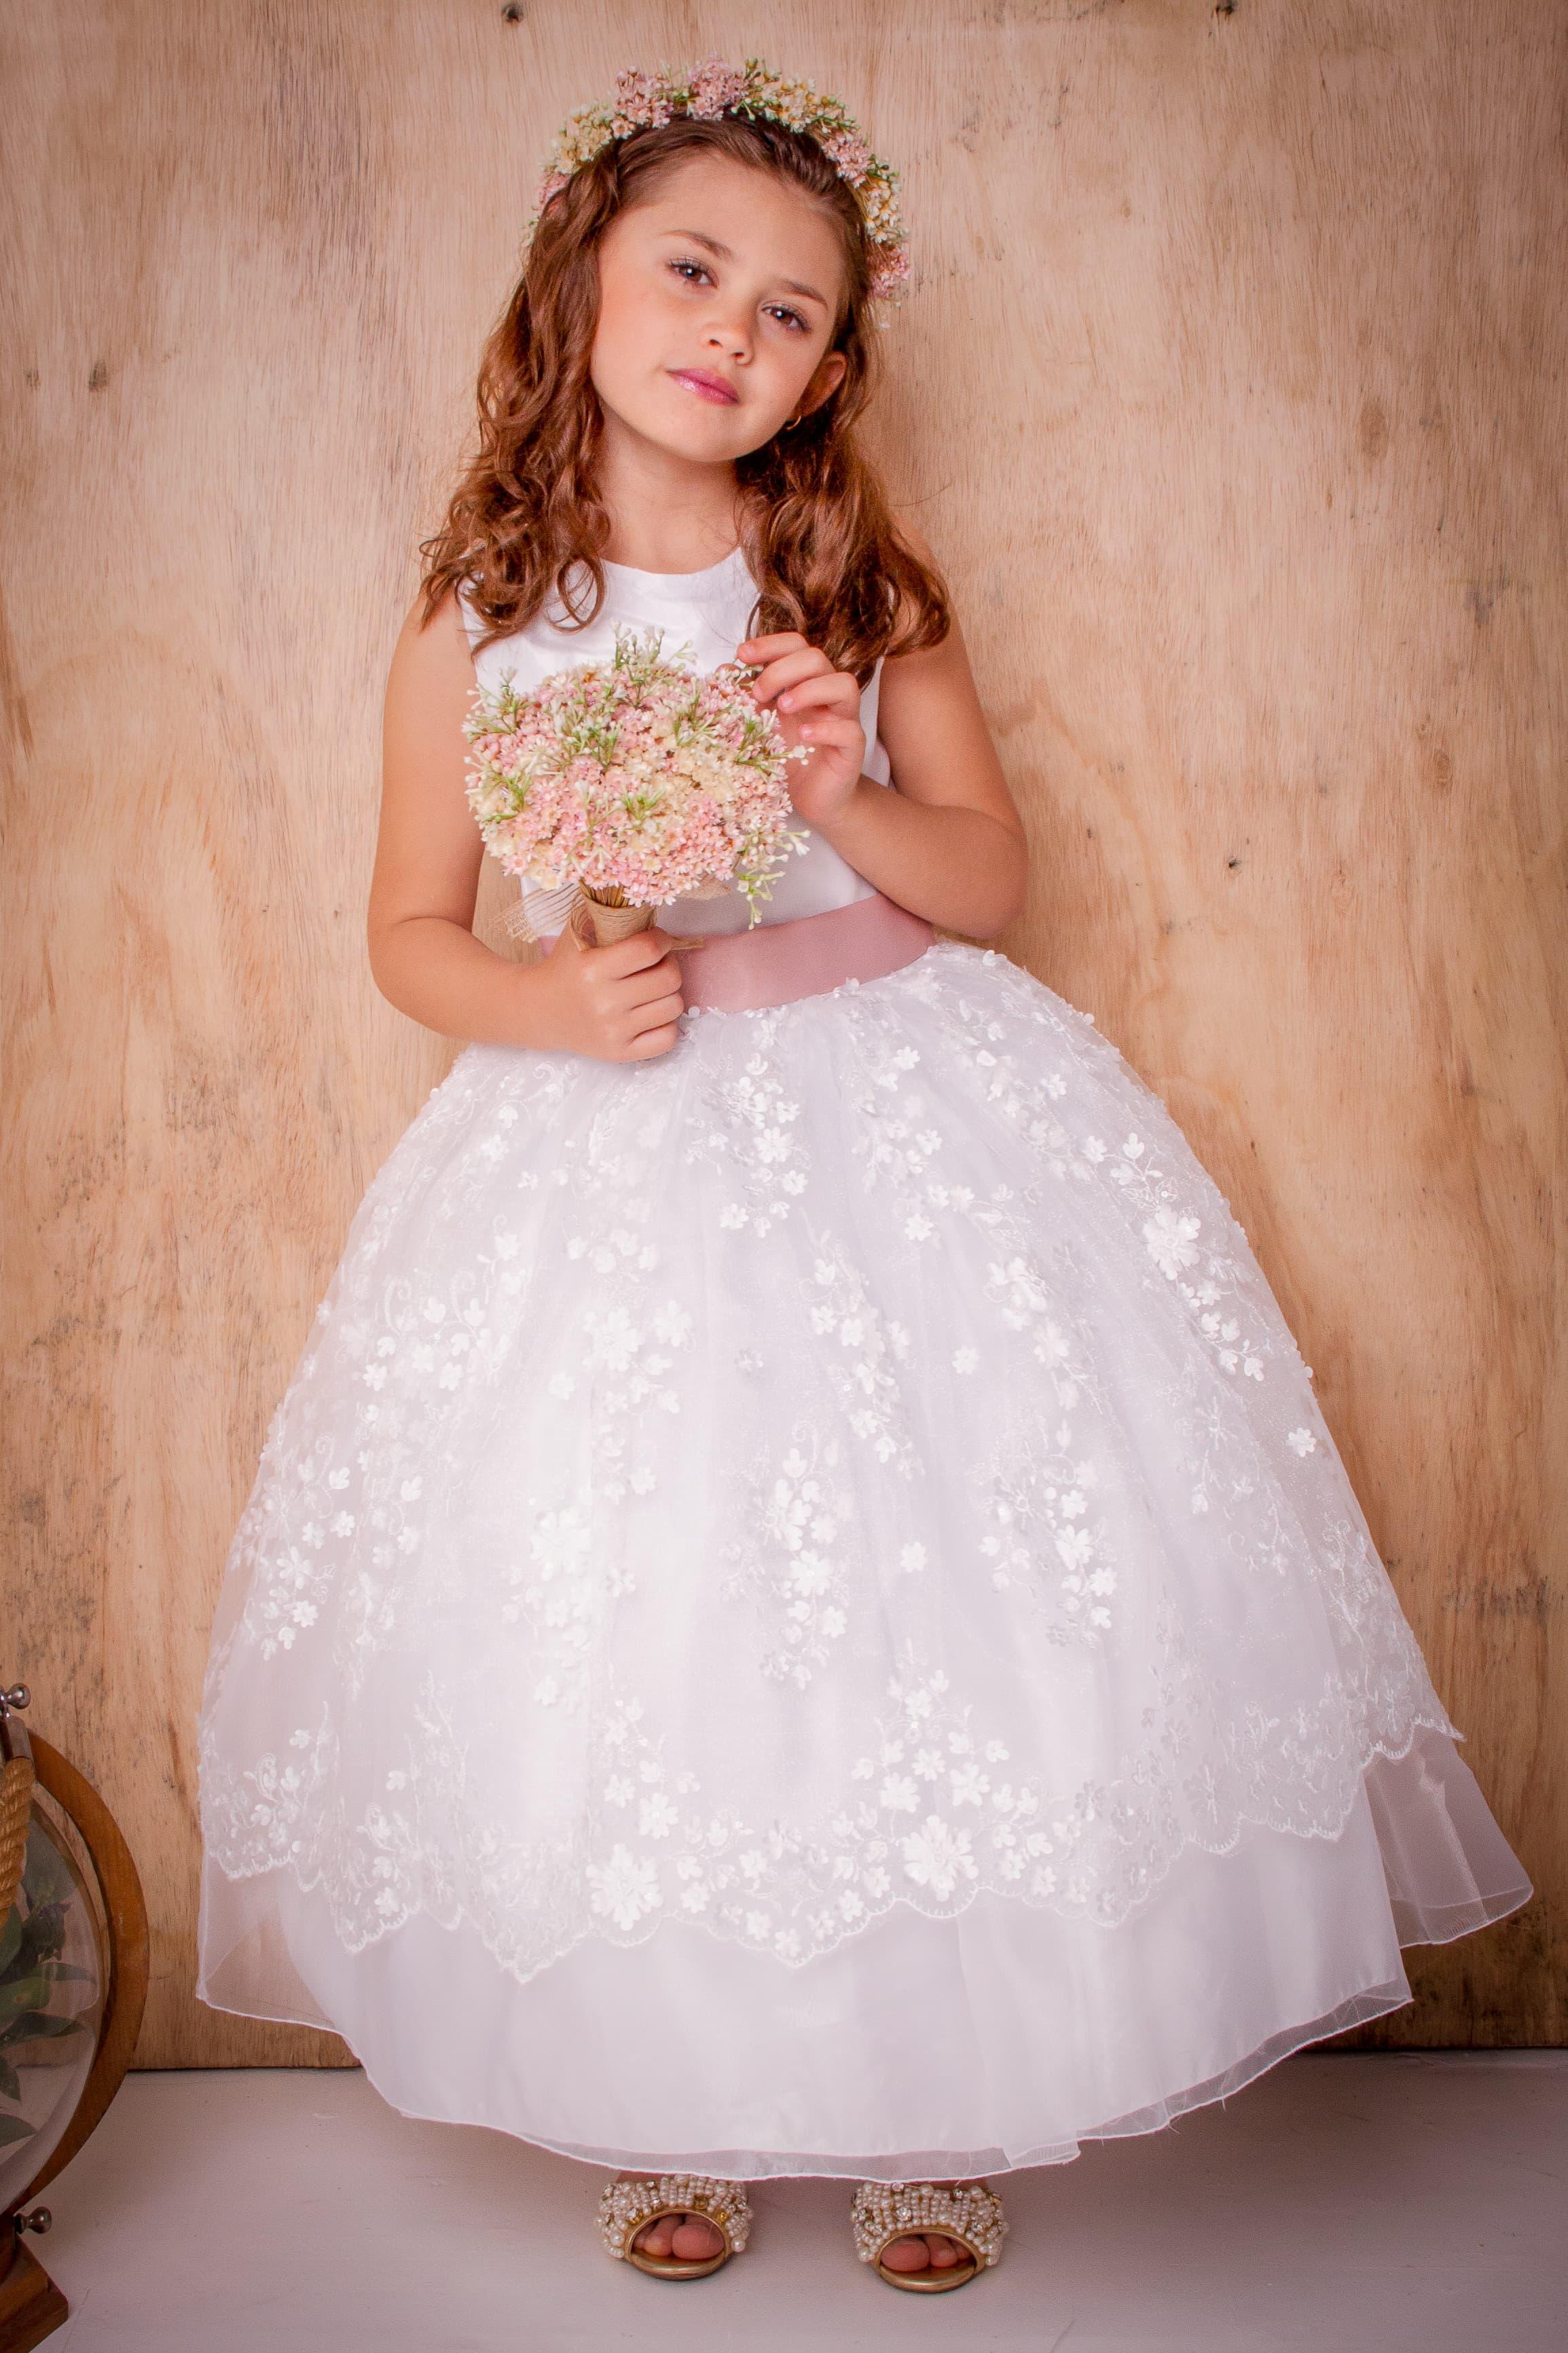 24 - Vestido de daminha branco com saia de renda floral